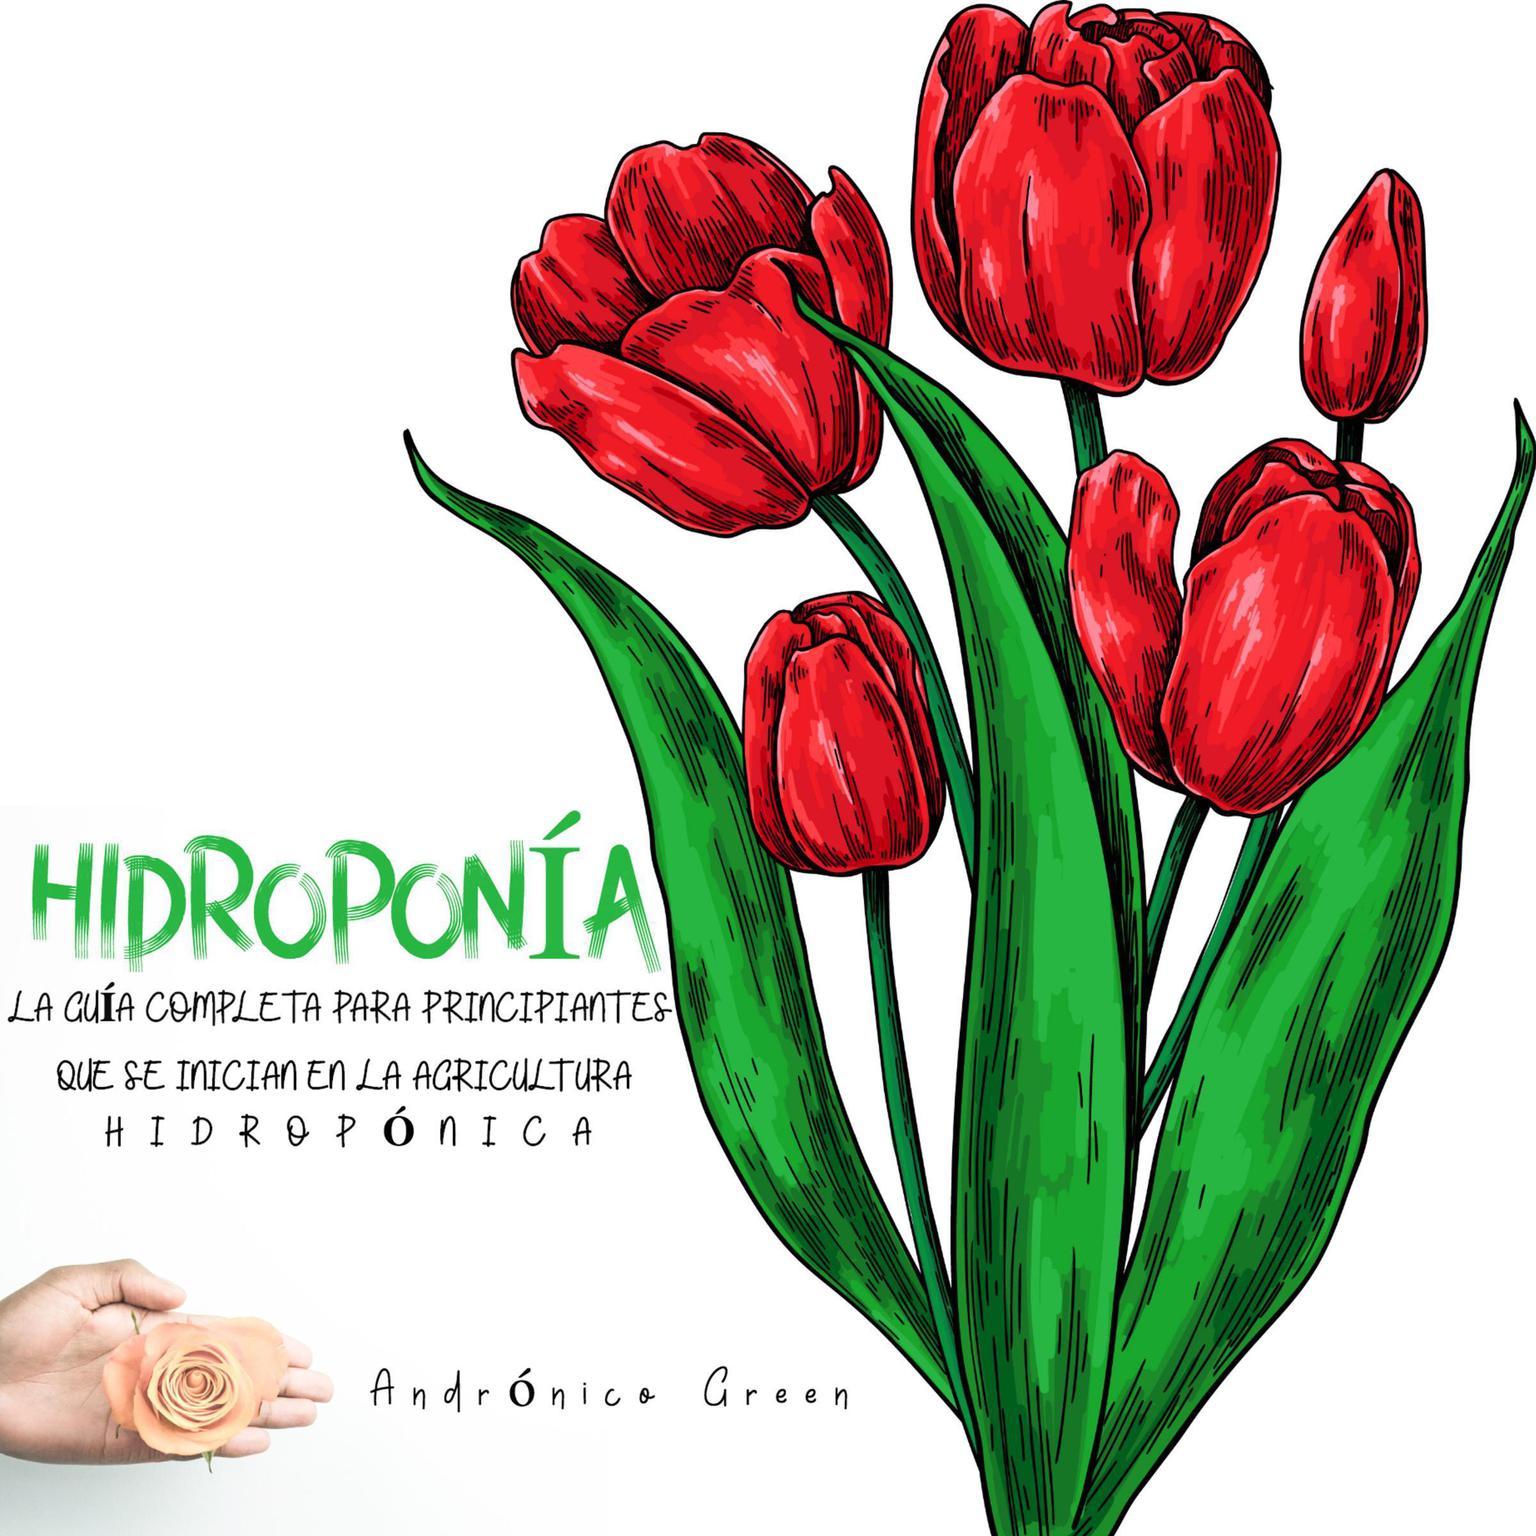 Hidroponía La Guía Completa para Principiantes que se inician en la Agricultura Hidropónica Audiobook, by Andrónico Green